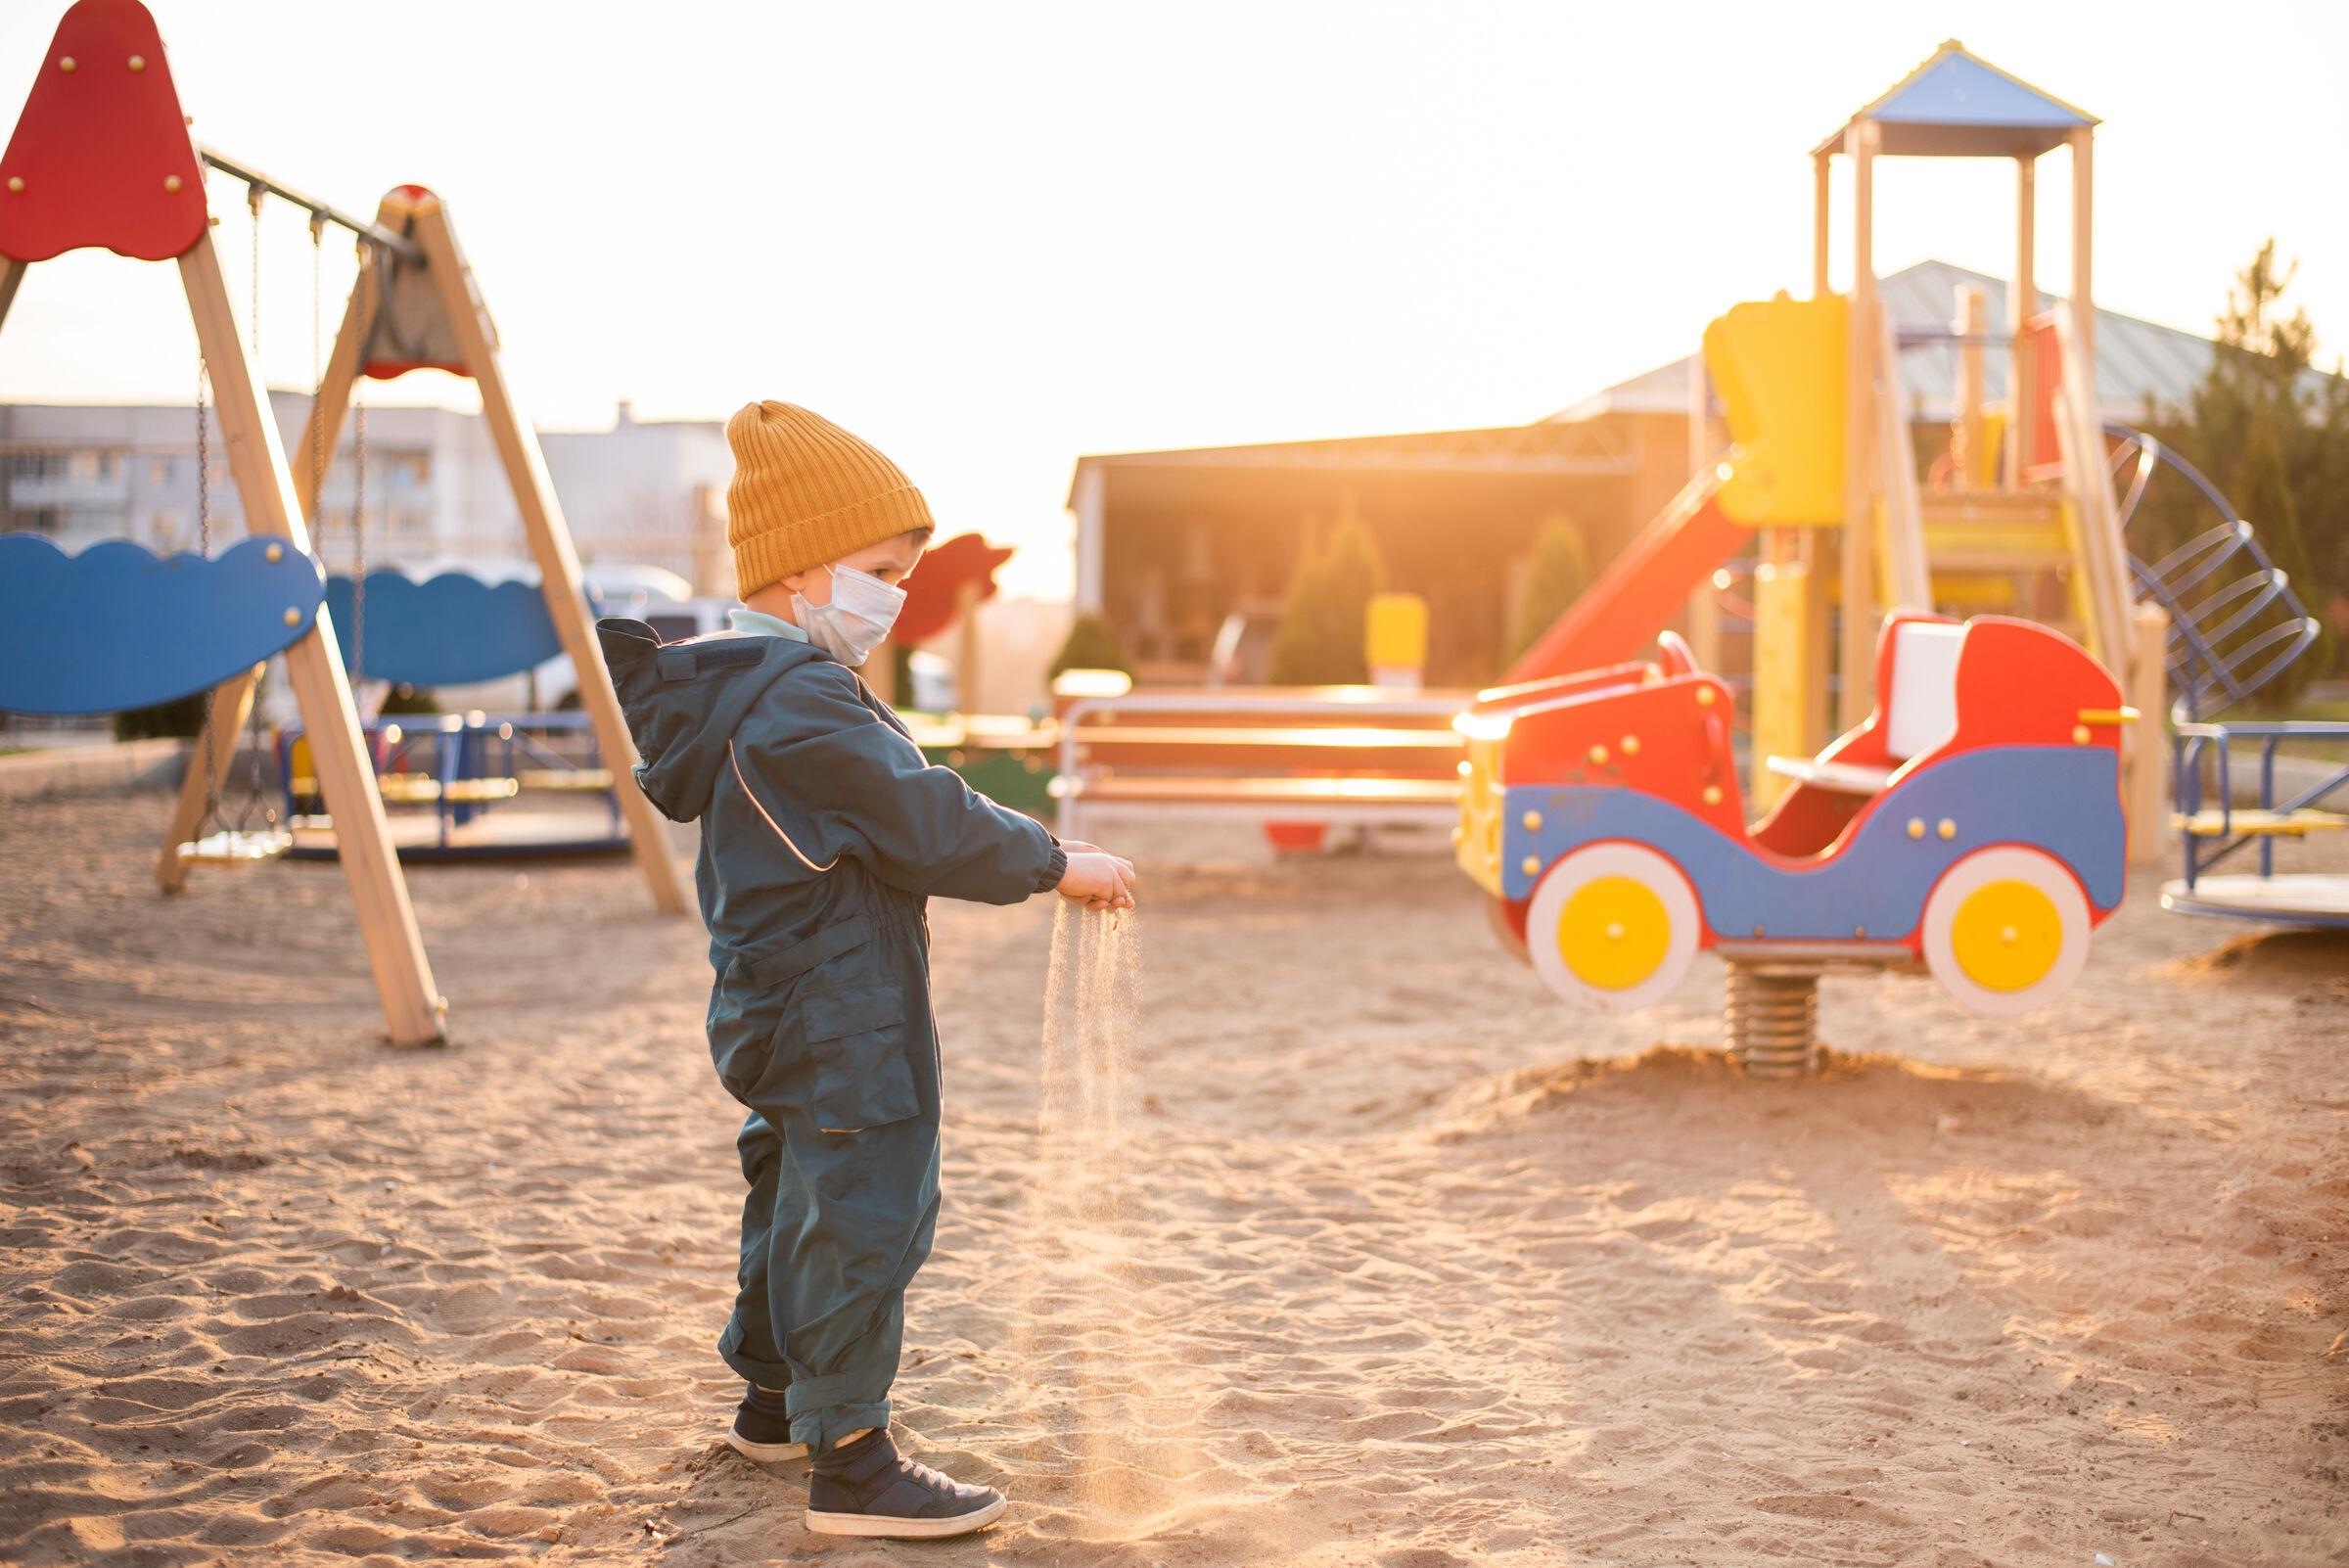 Menino-jogando-areia-no-chao-dentro-do-parquinho